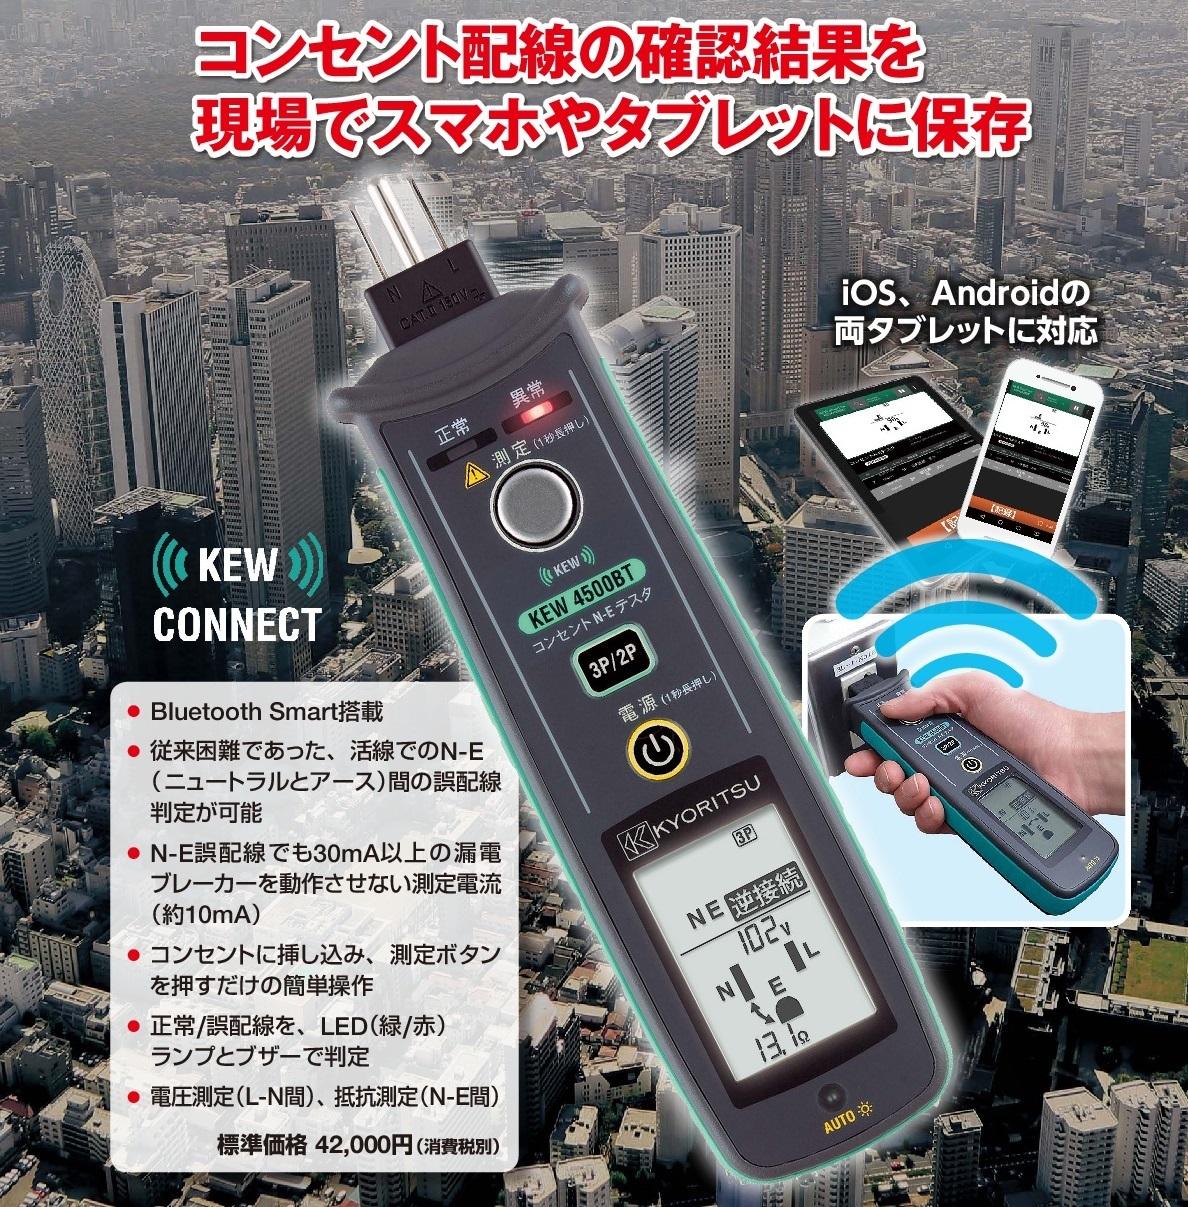 【共立電気計器】Bluetooth搭載 コンセント N-E テスタ 販売の画像